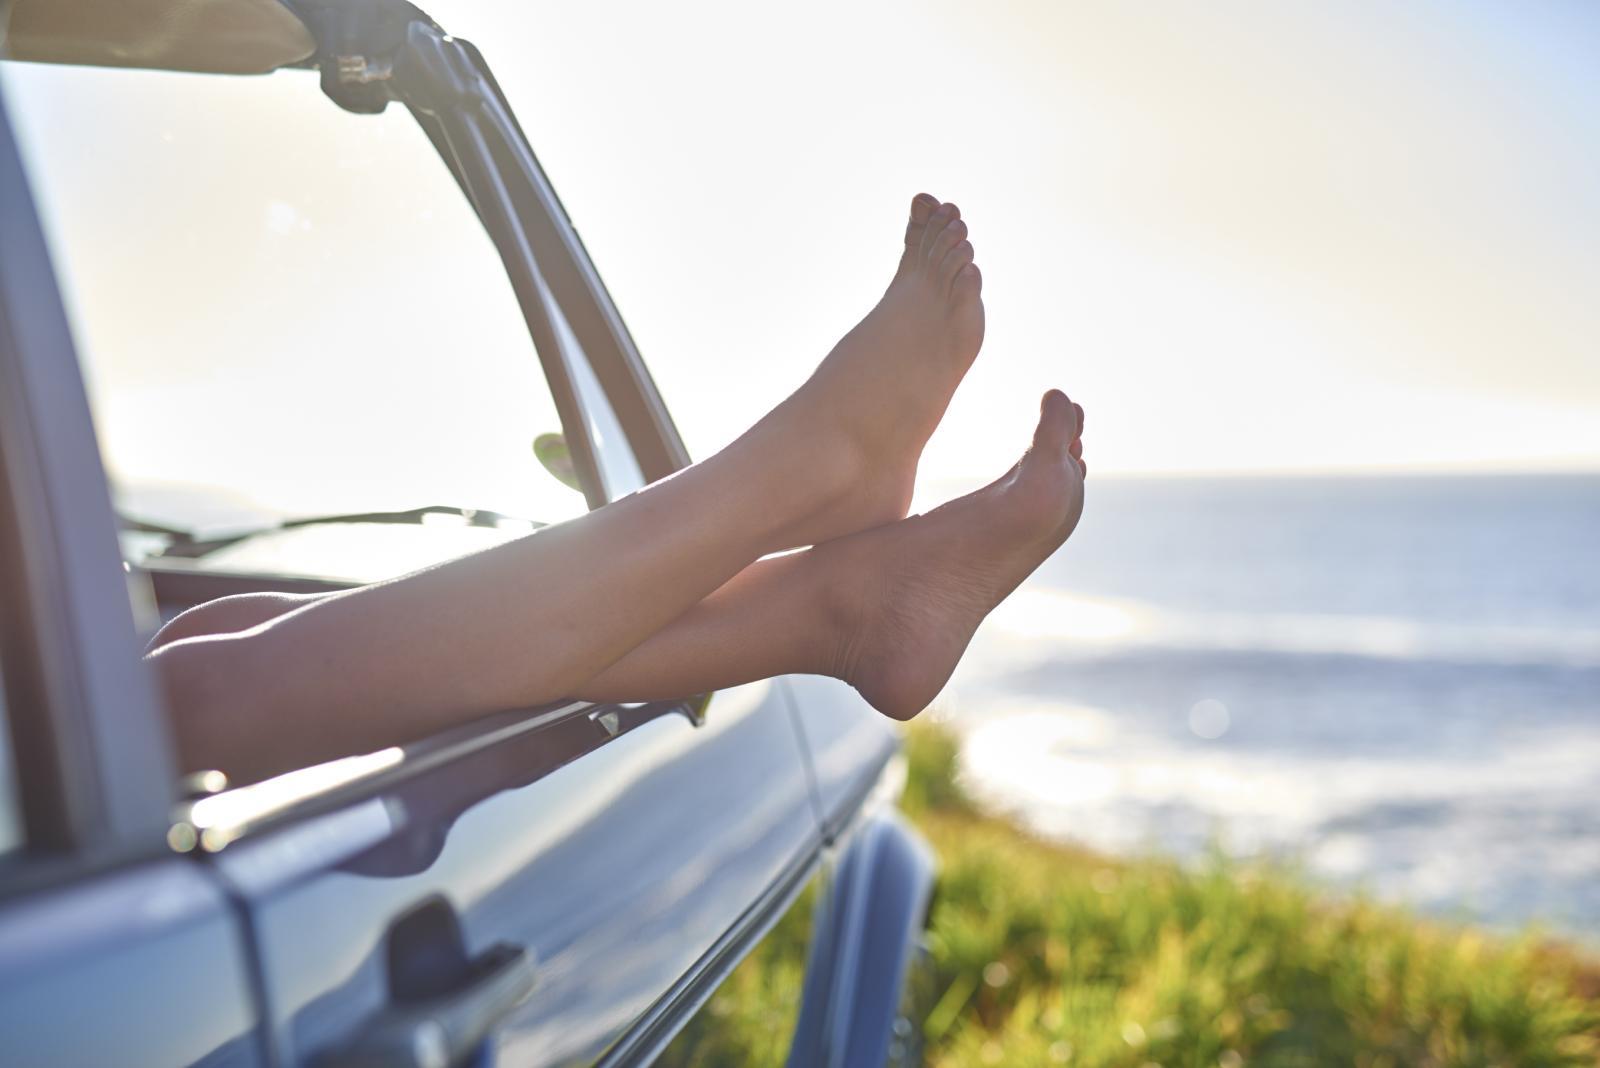 Mnoge žene čak i u ljetnim mjesecima nose zatvorene cipele samo zato što ne znaju ispravno njegovati stopala. Nemojte da se to i vama dogodi.